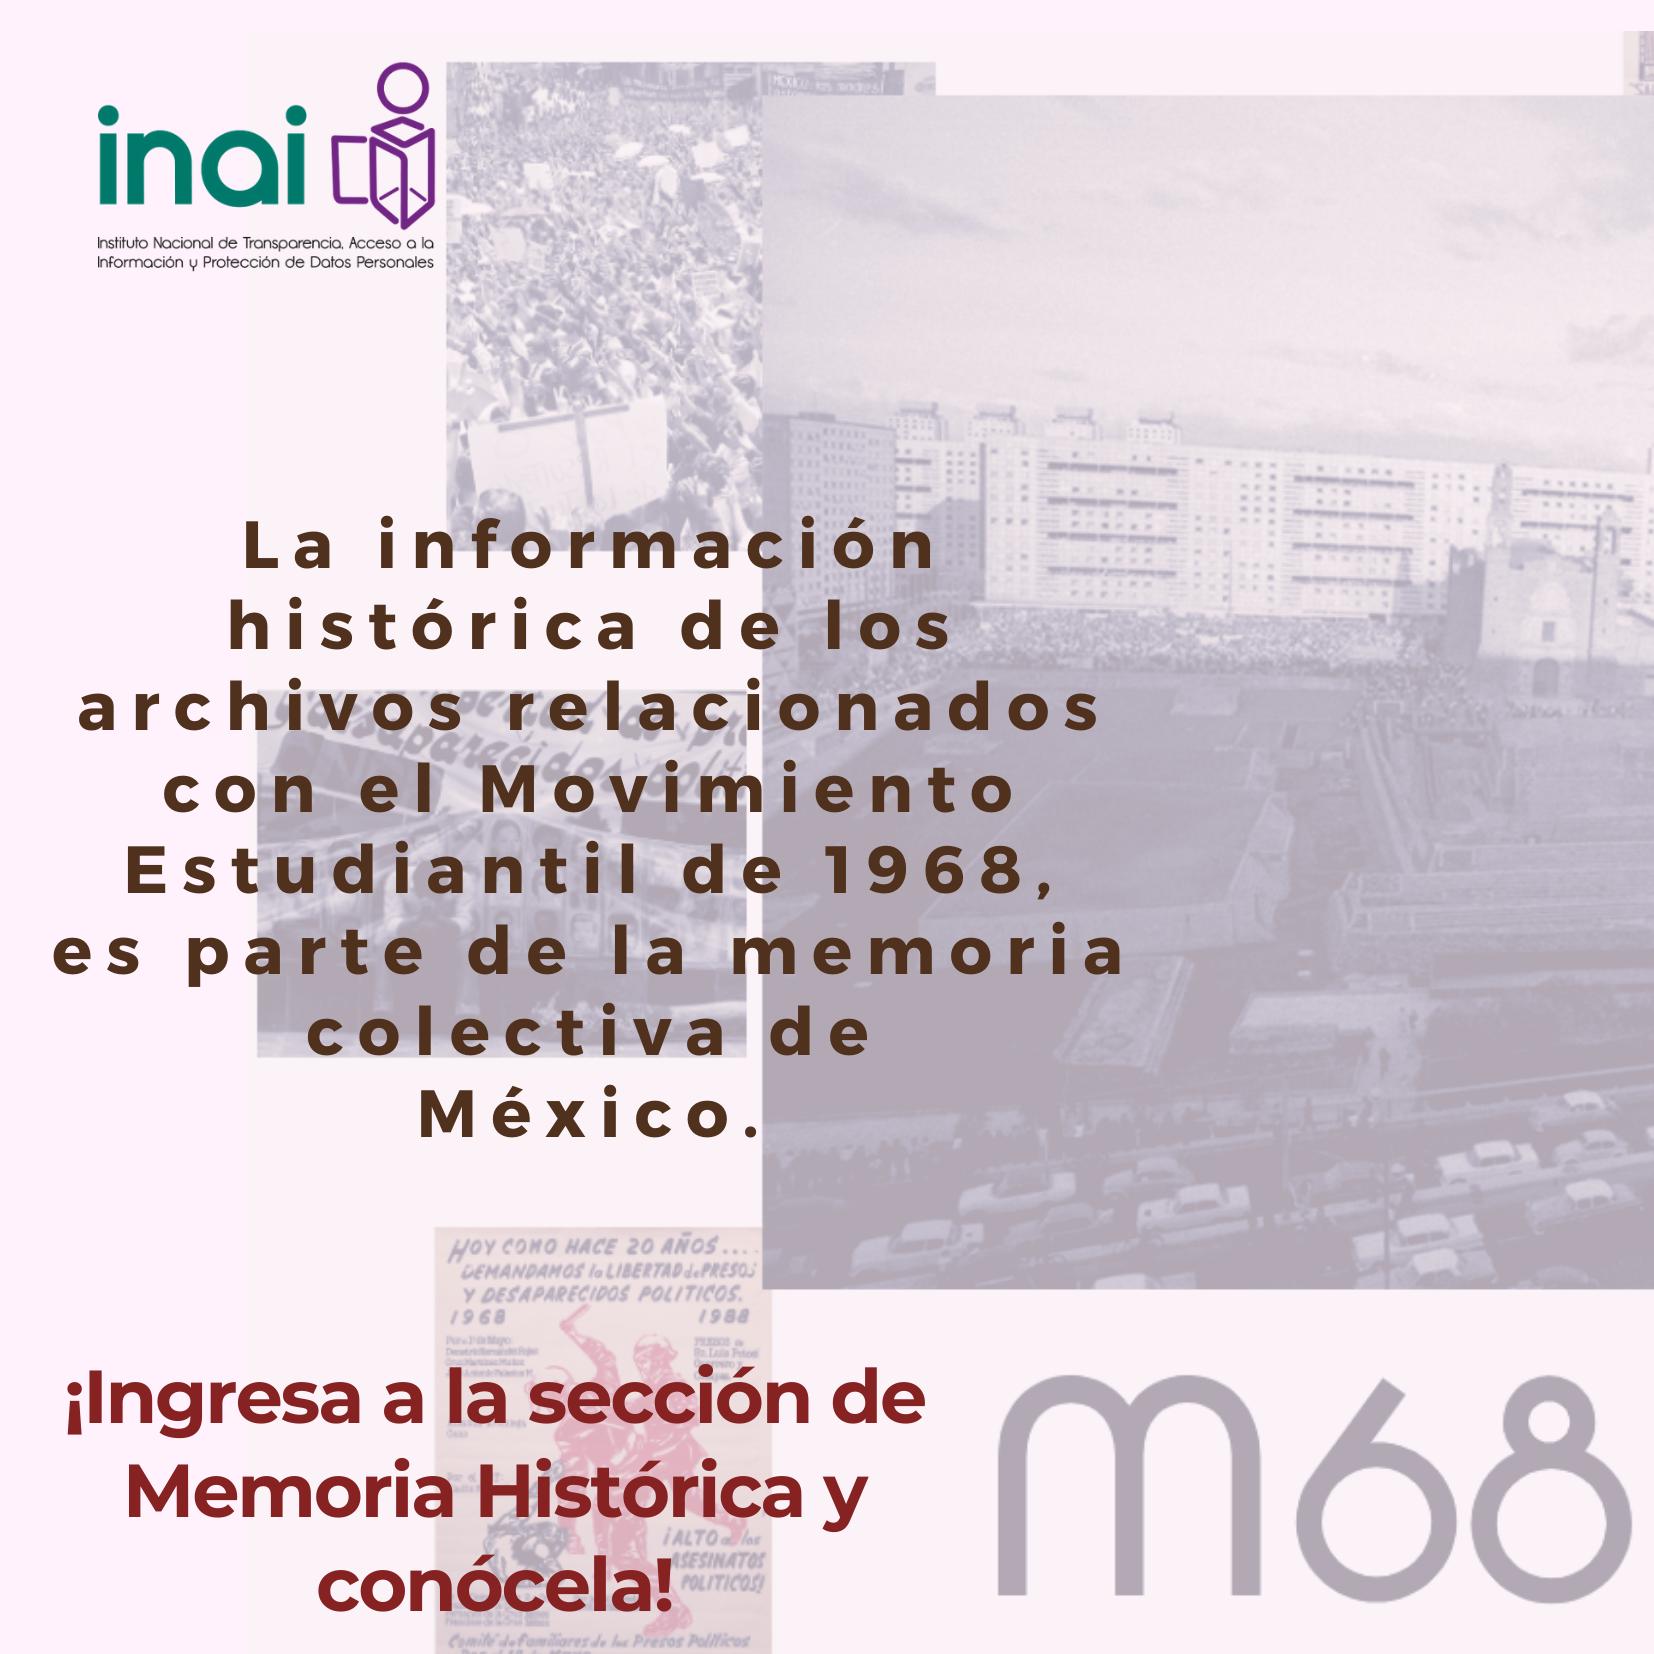 archivos relacionados con el Movimiento Estudiantil de 1968